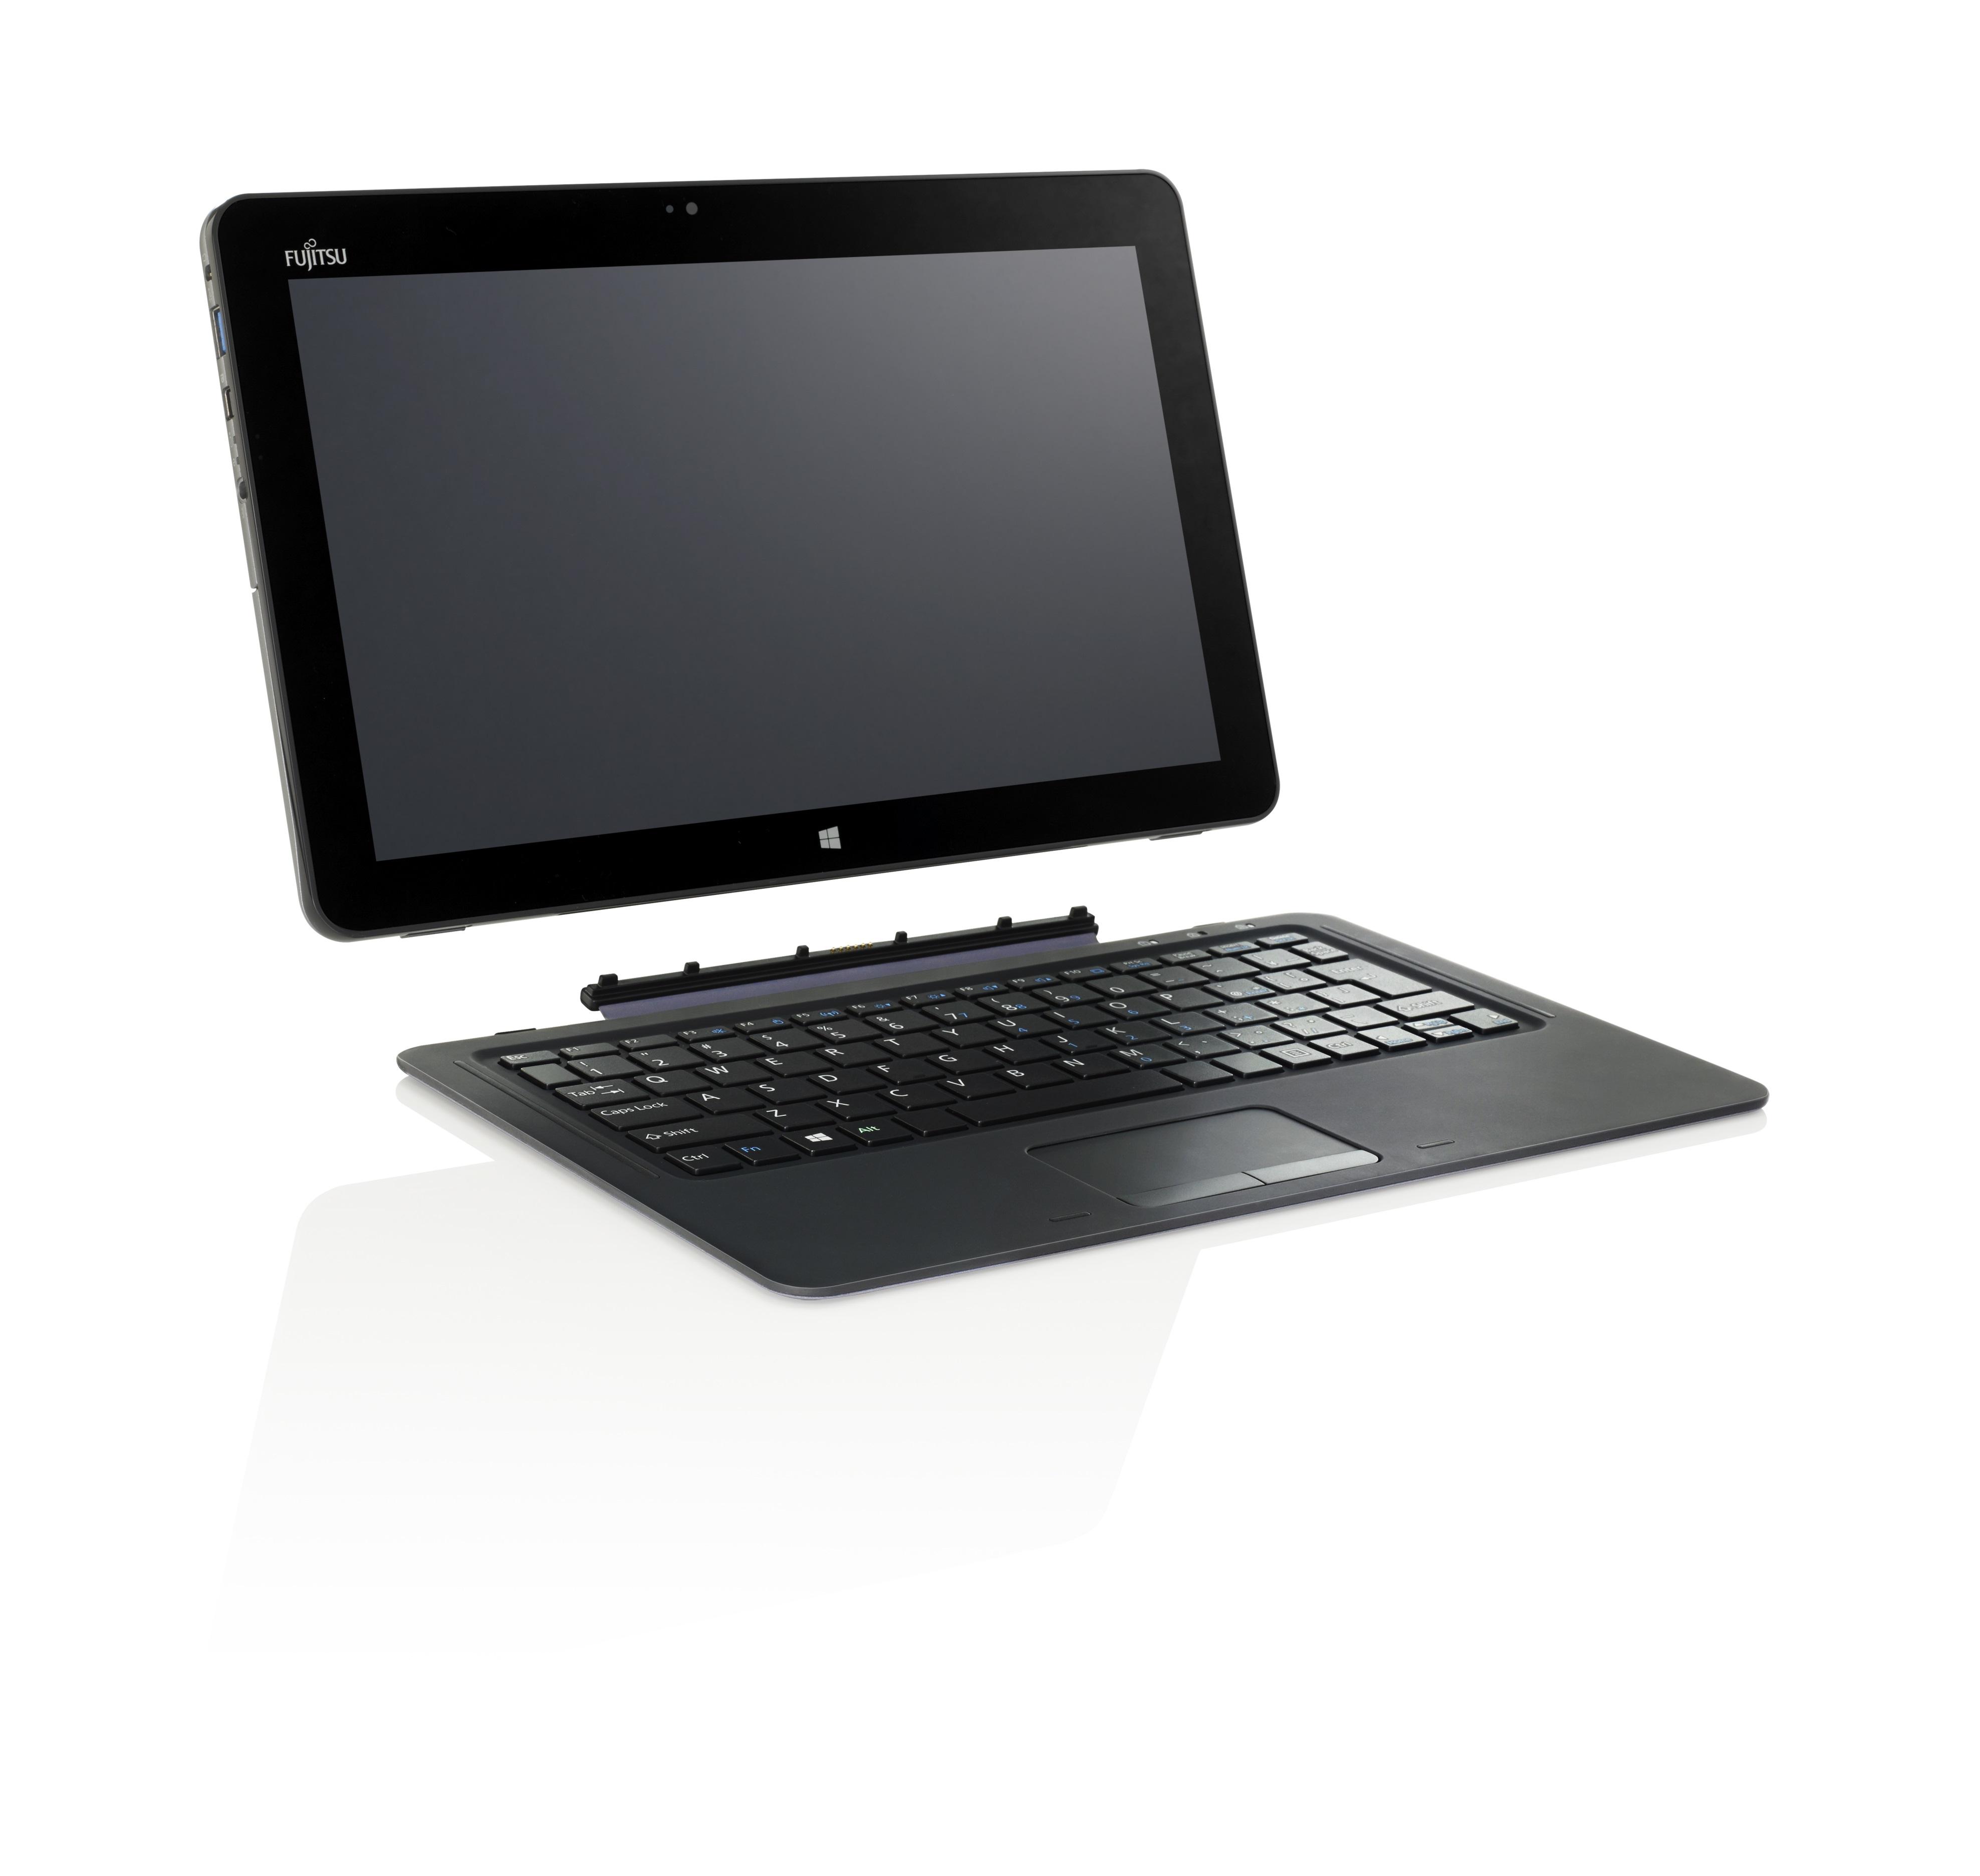 Fujitsu STYLISTIC R726 256GB Black